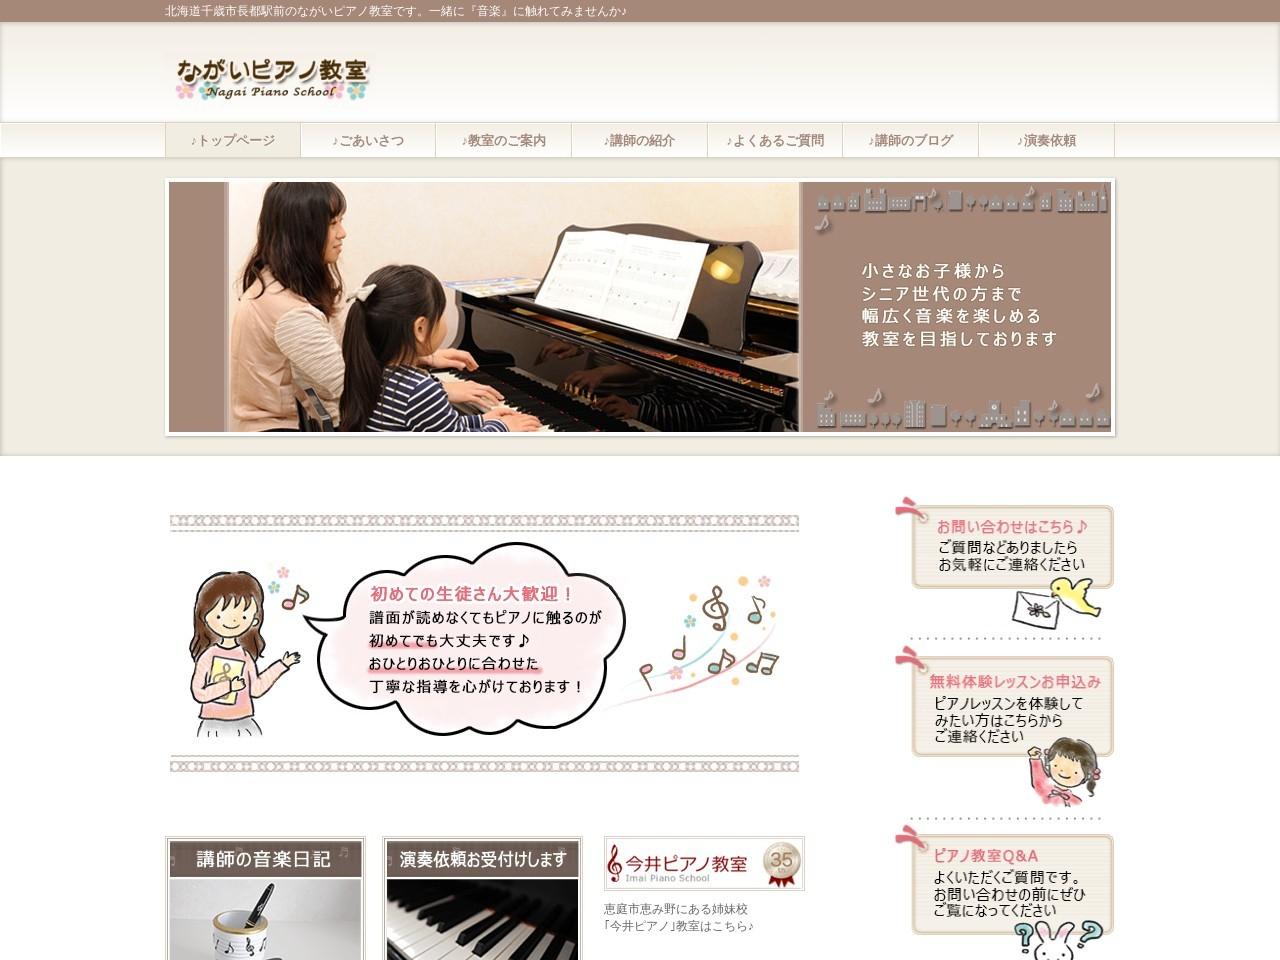 ながいピアノ教室のサムネイル